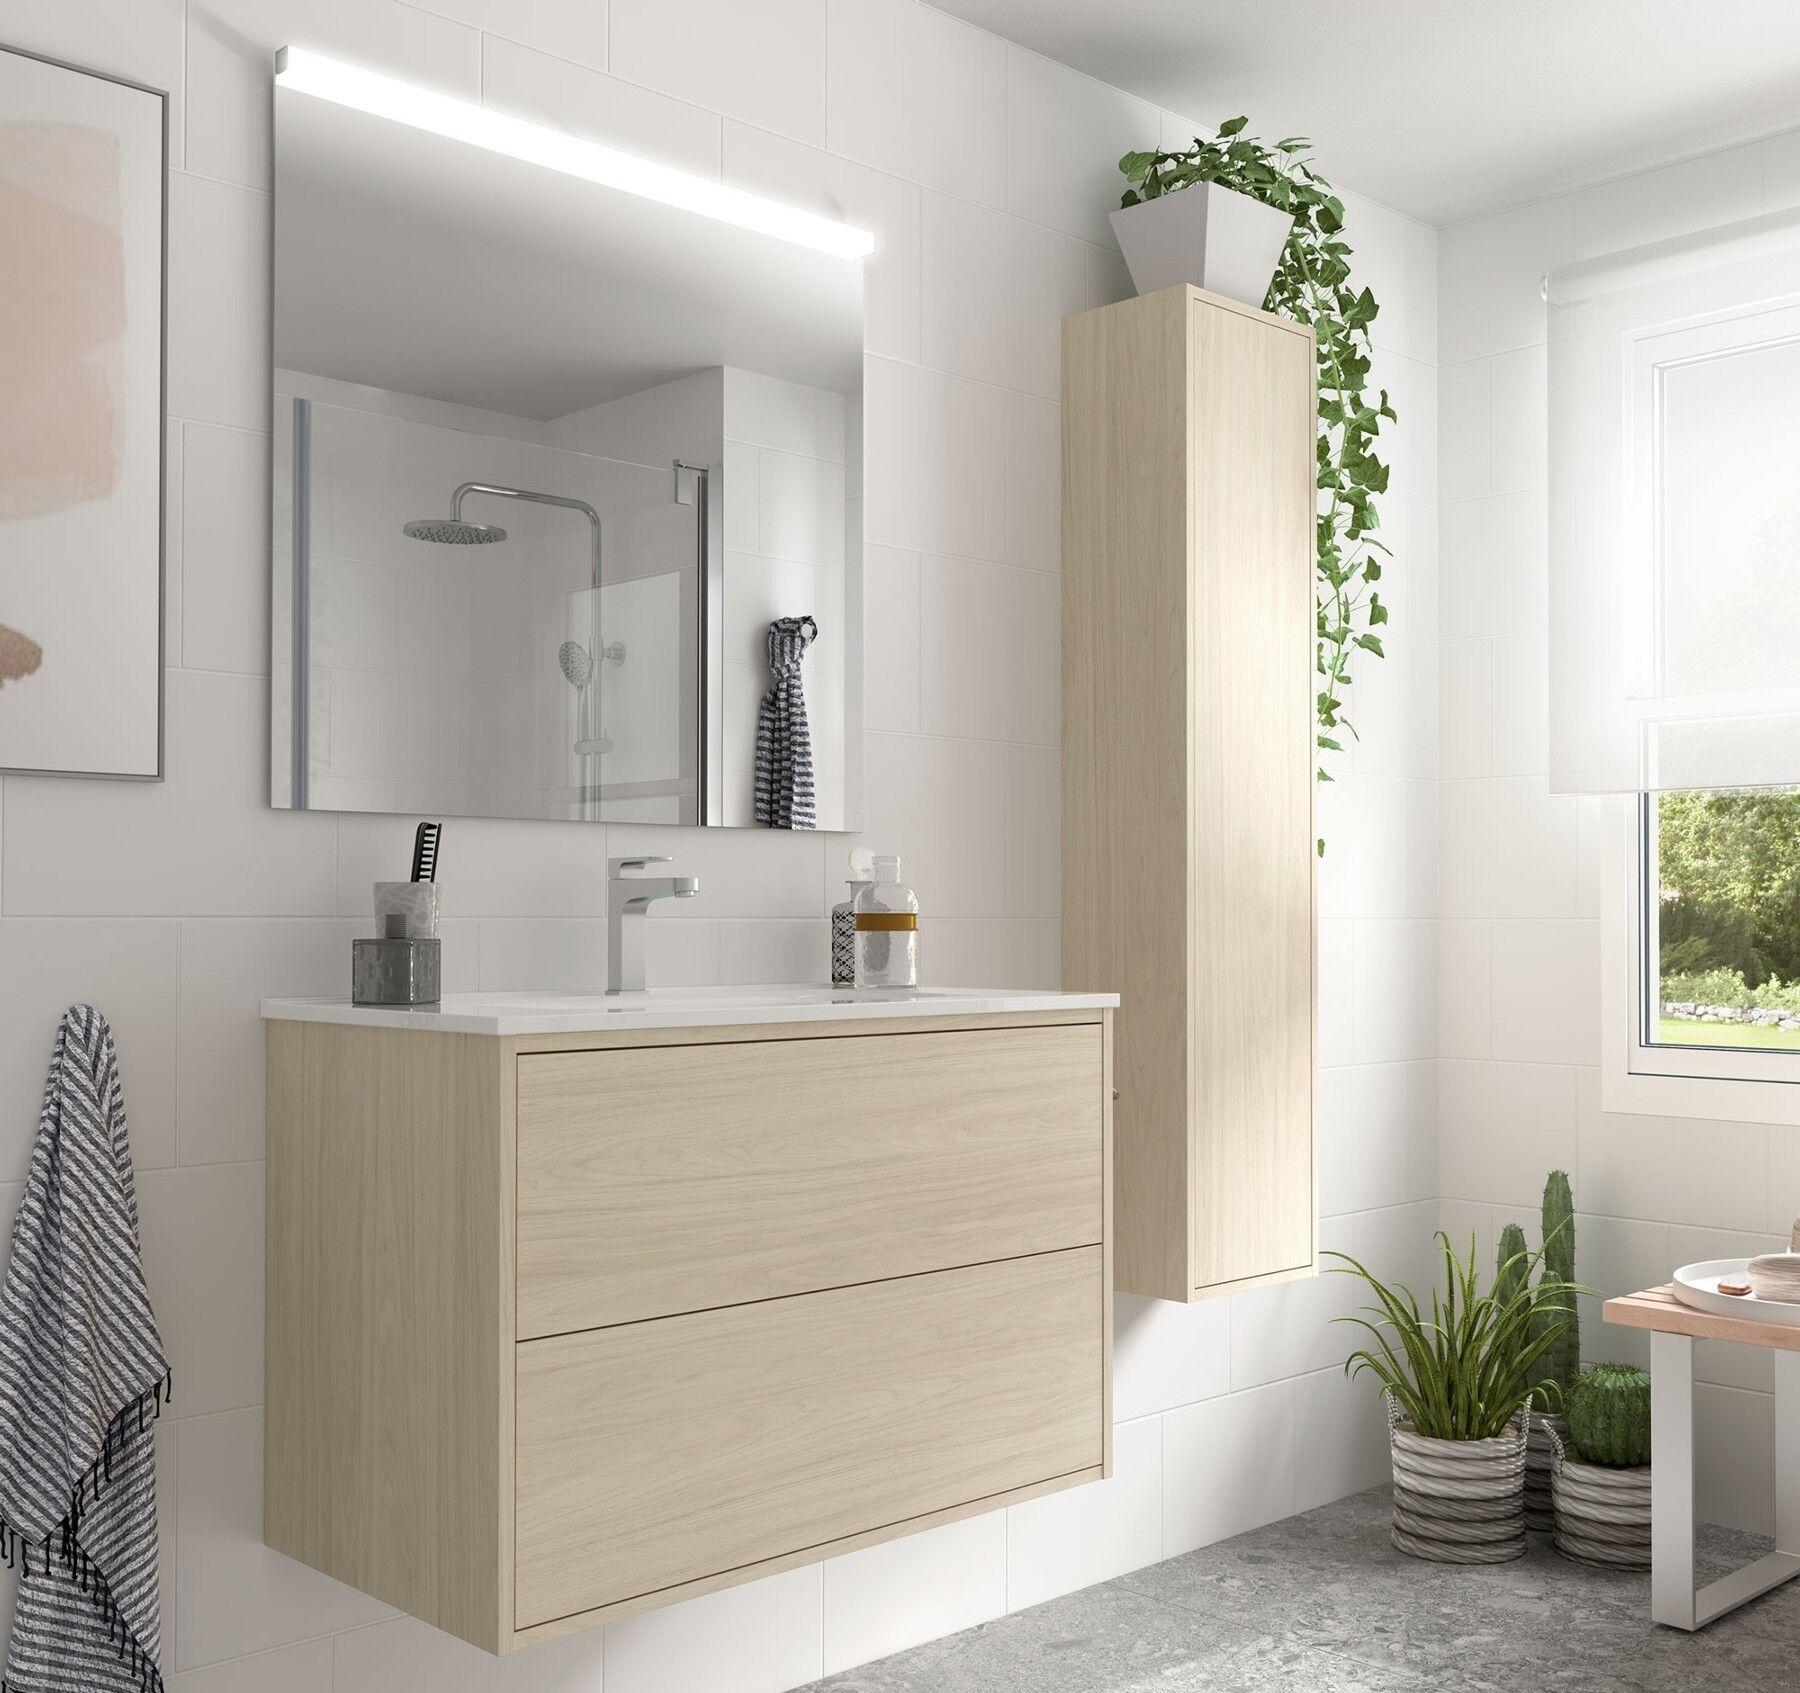 Caesaroo Mobile bagno sospeso 80 cm Ulisse in legno colore Nordik con lavabo in porcellana 80 cm - Con colonna, specchio e lampada LED